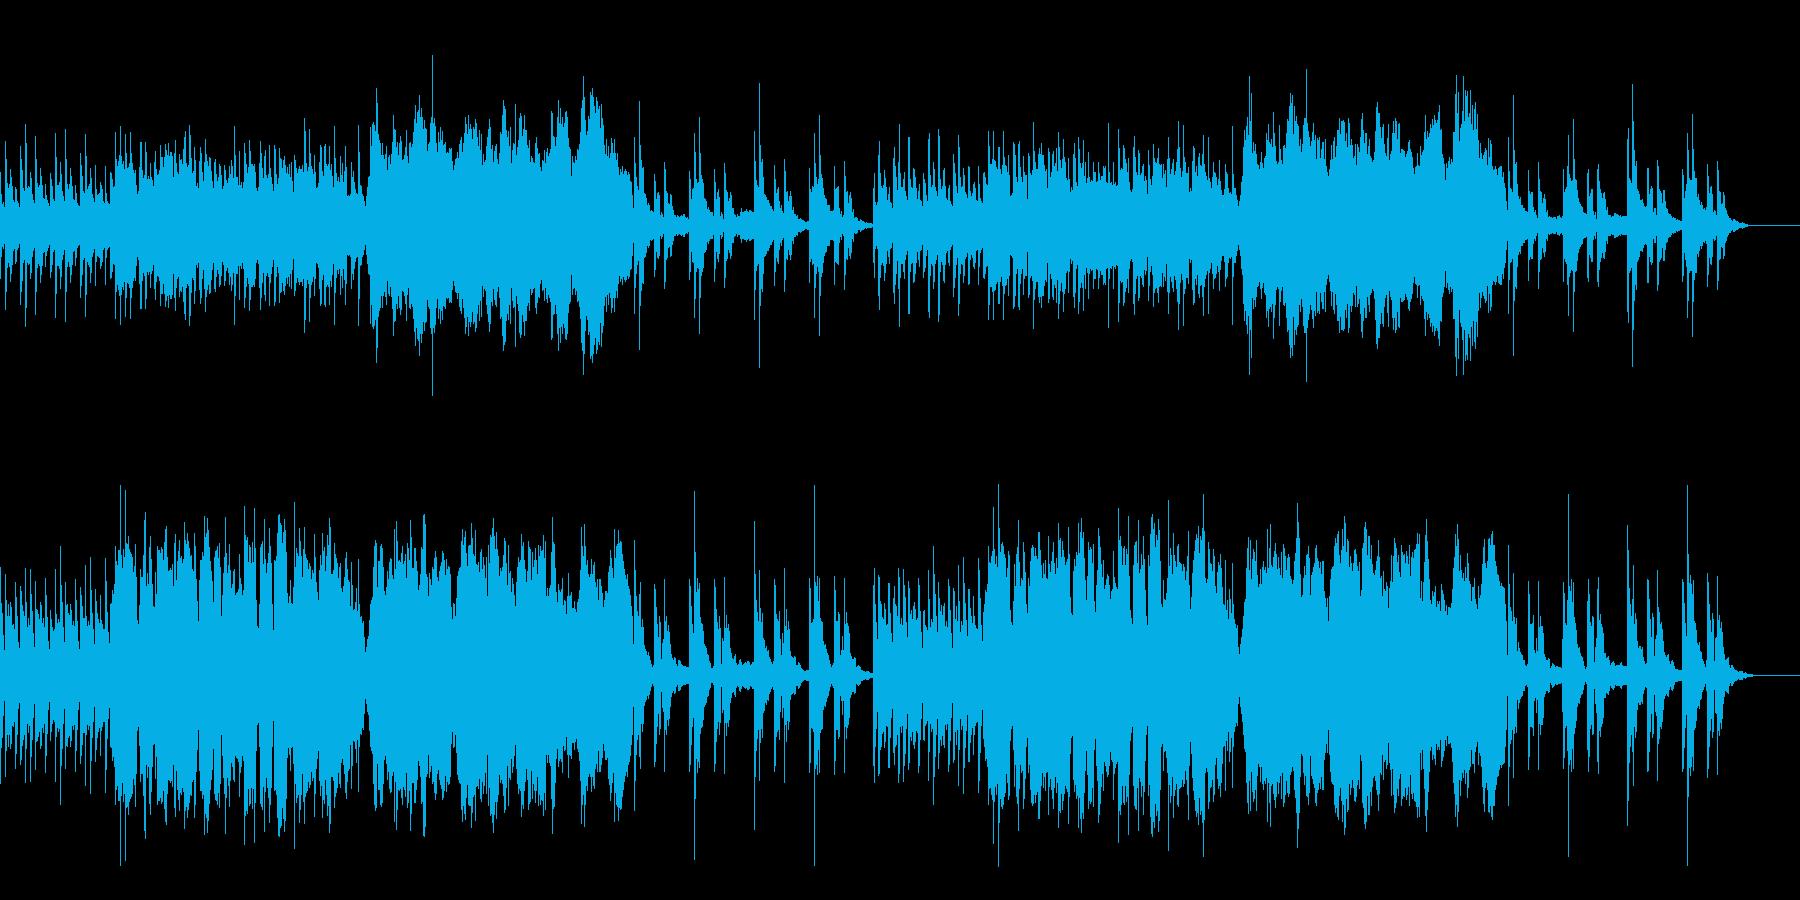 冷たく恐ろしいホラー向けBGMの再生済みの波形